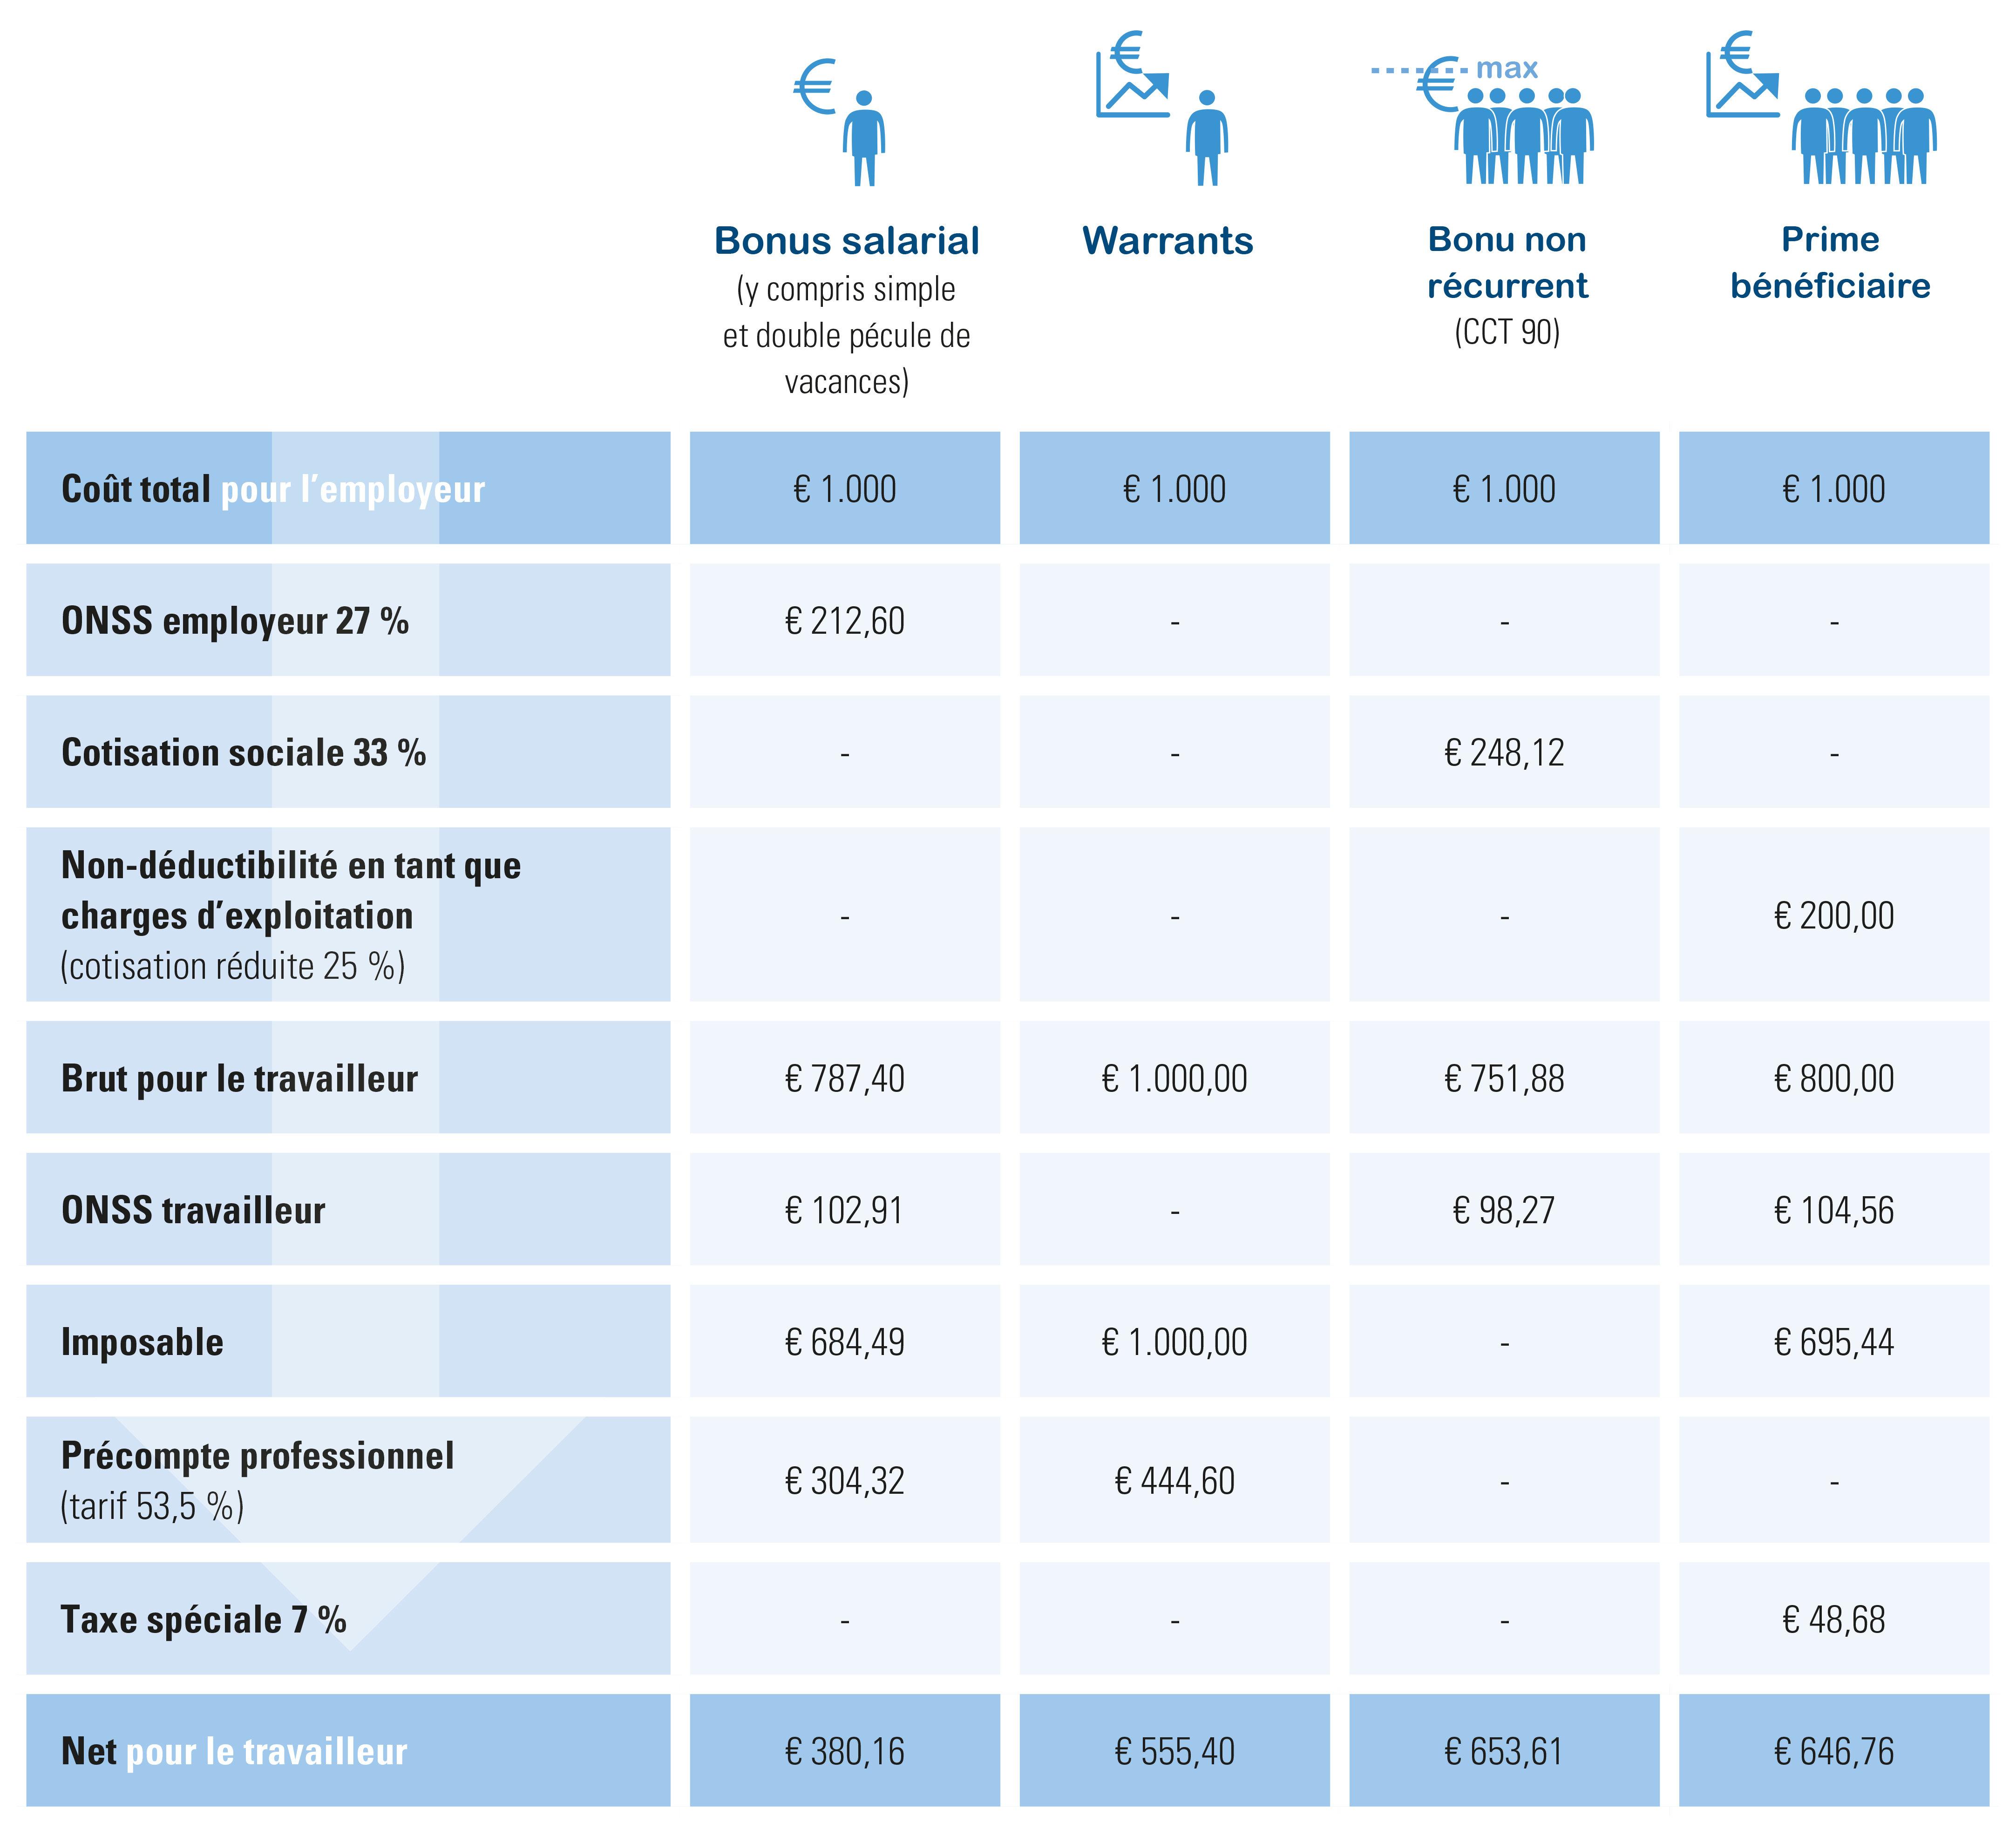 brut-net pour les différents types de bonus